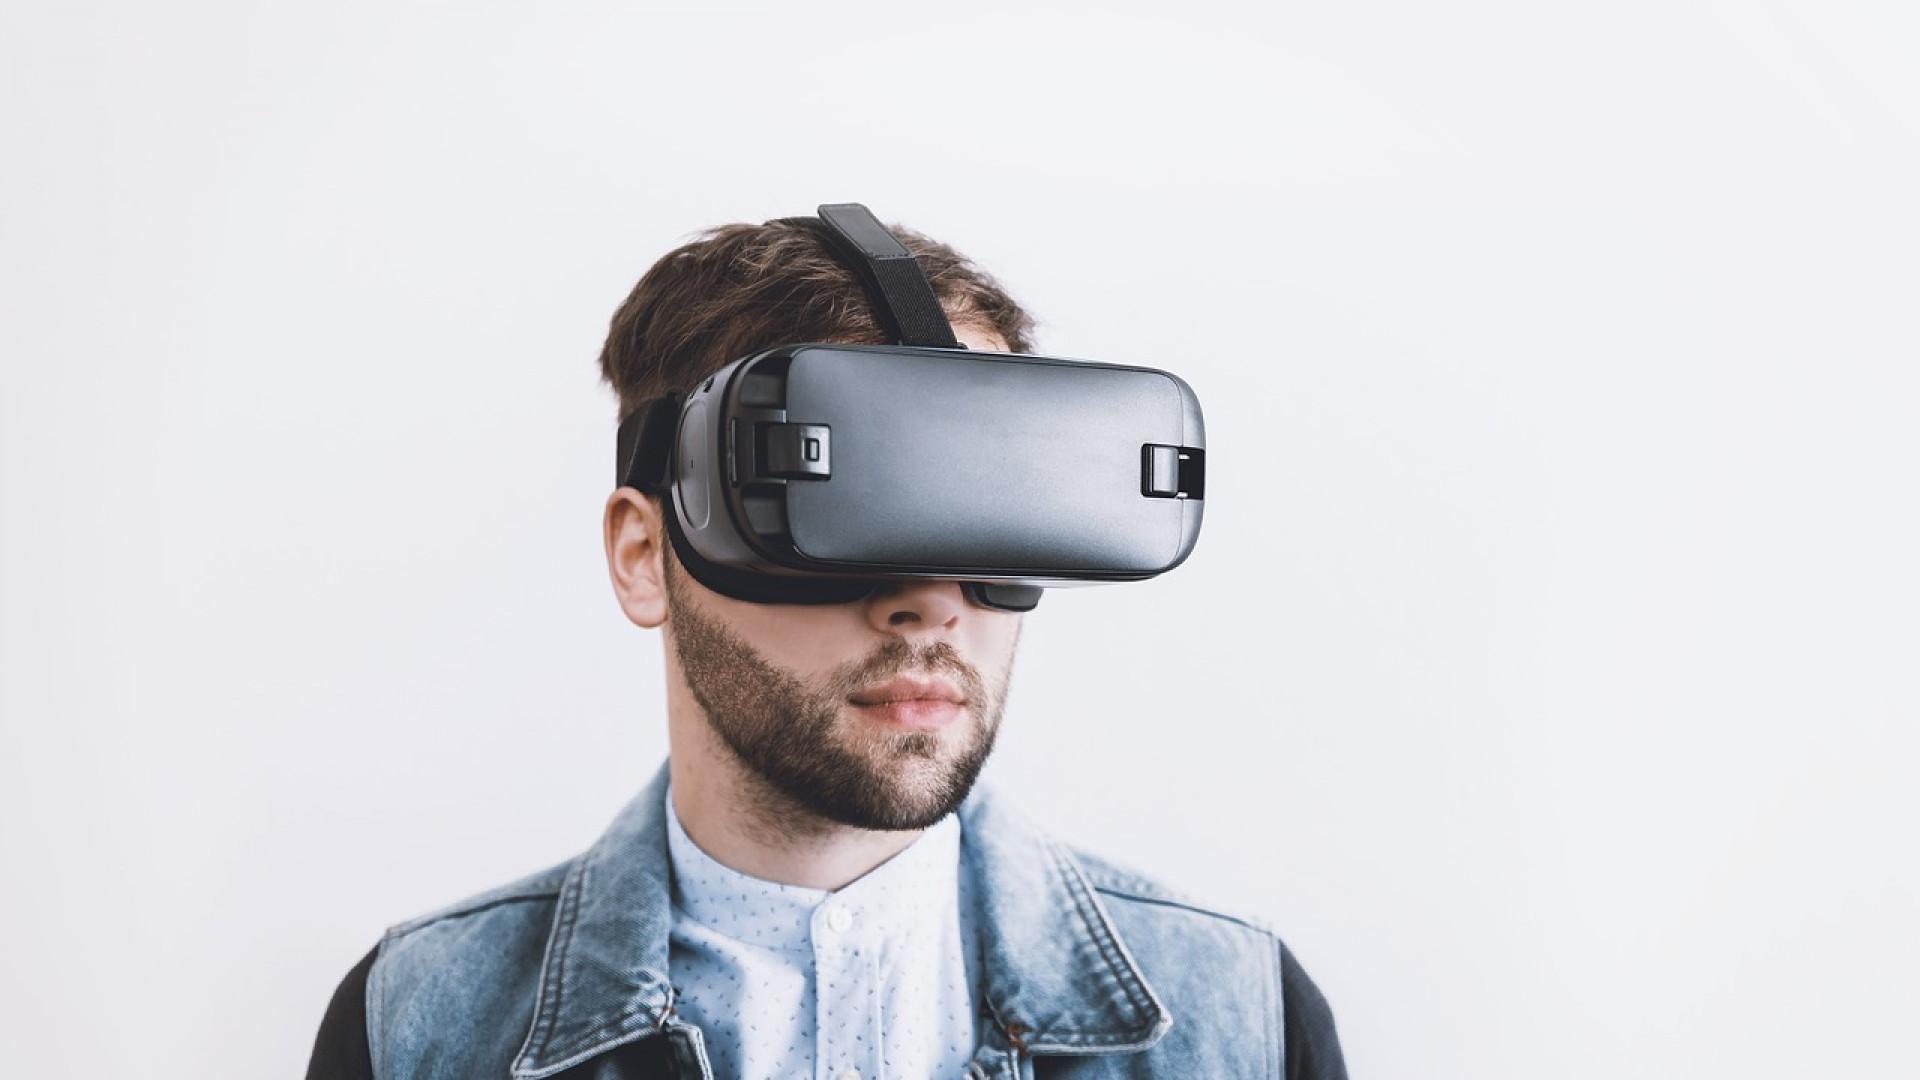 La réalité augmentée connait un franc succès